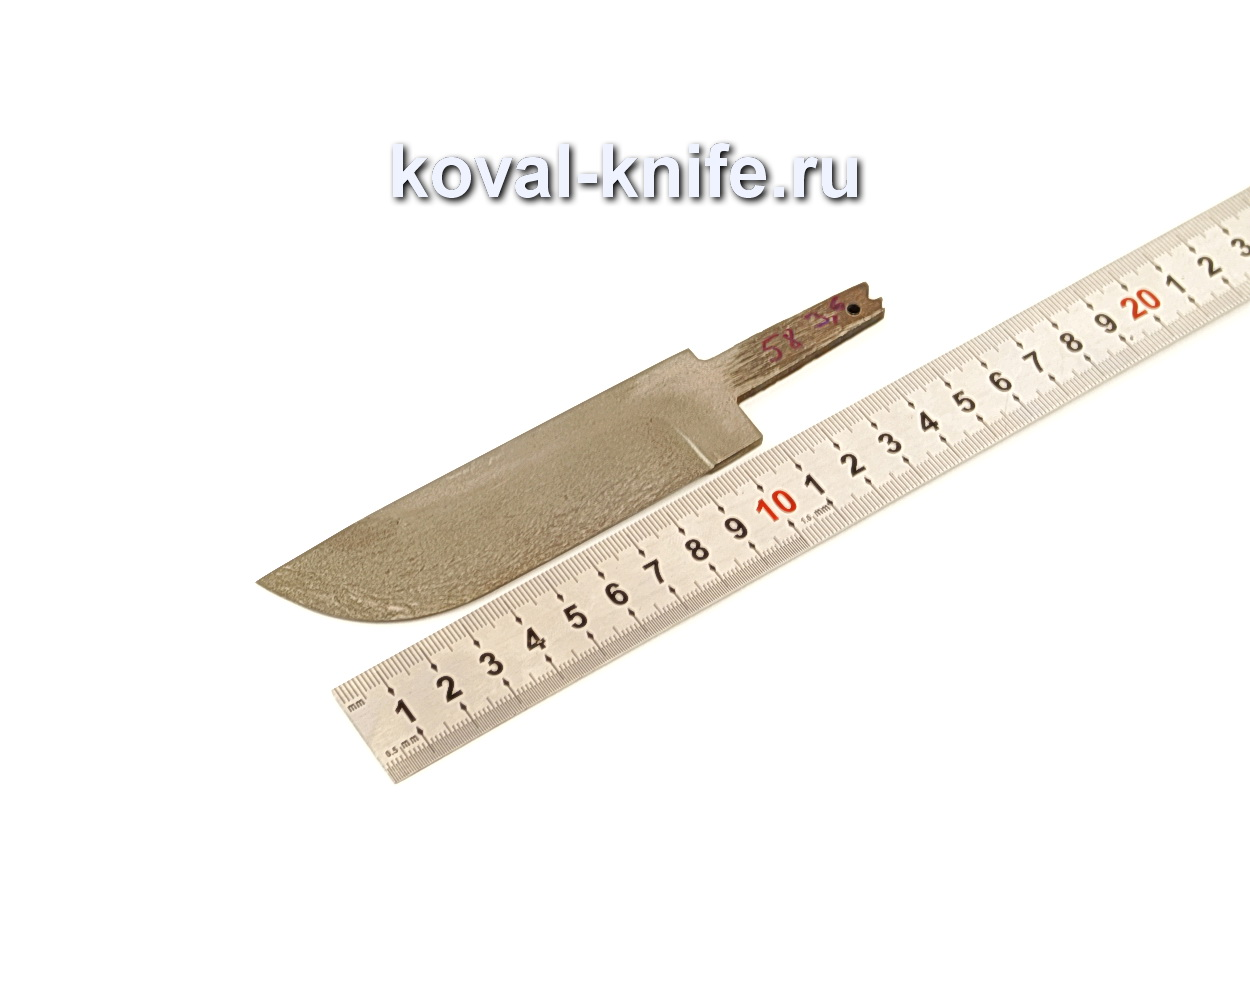 Клинок для ножа из булатной стали N58